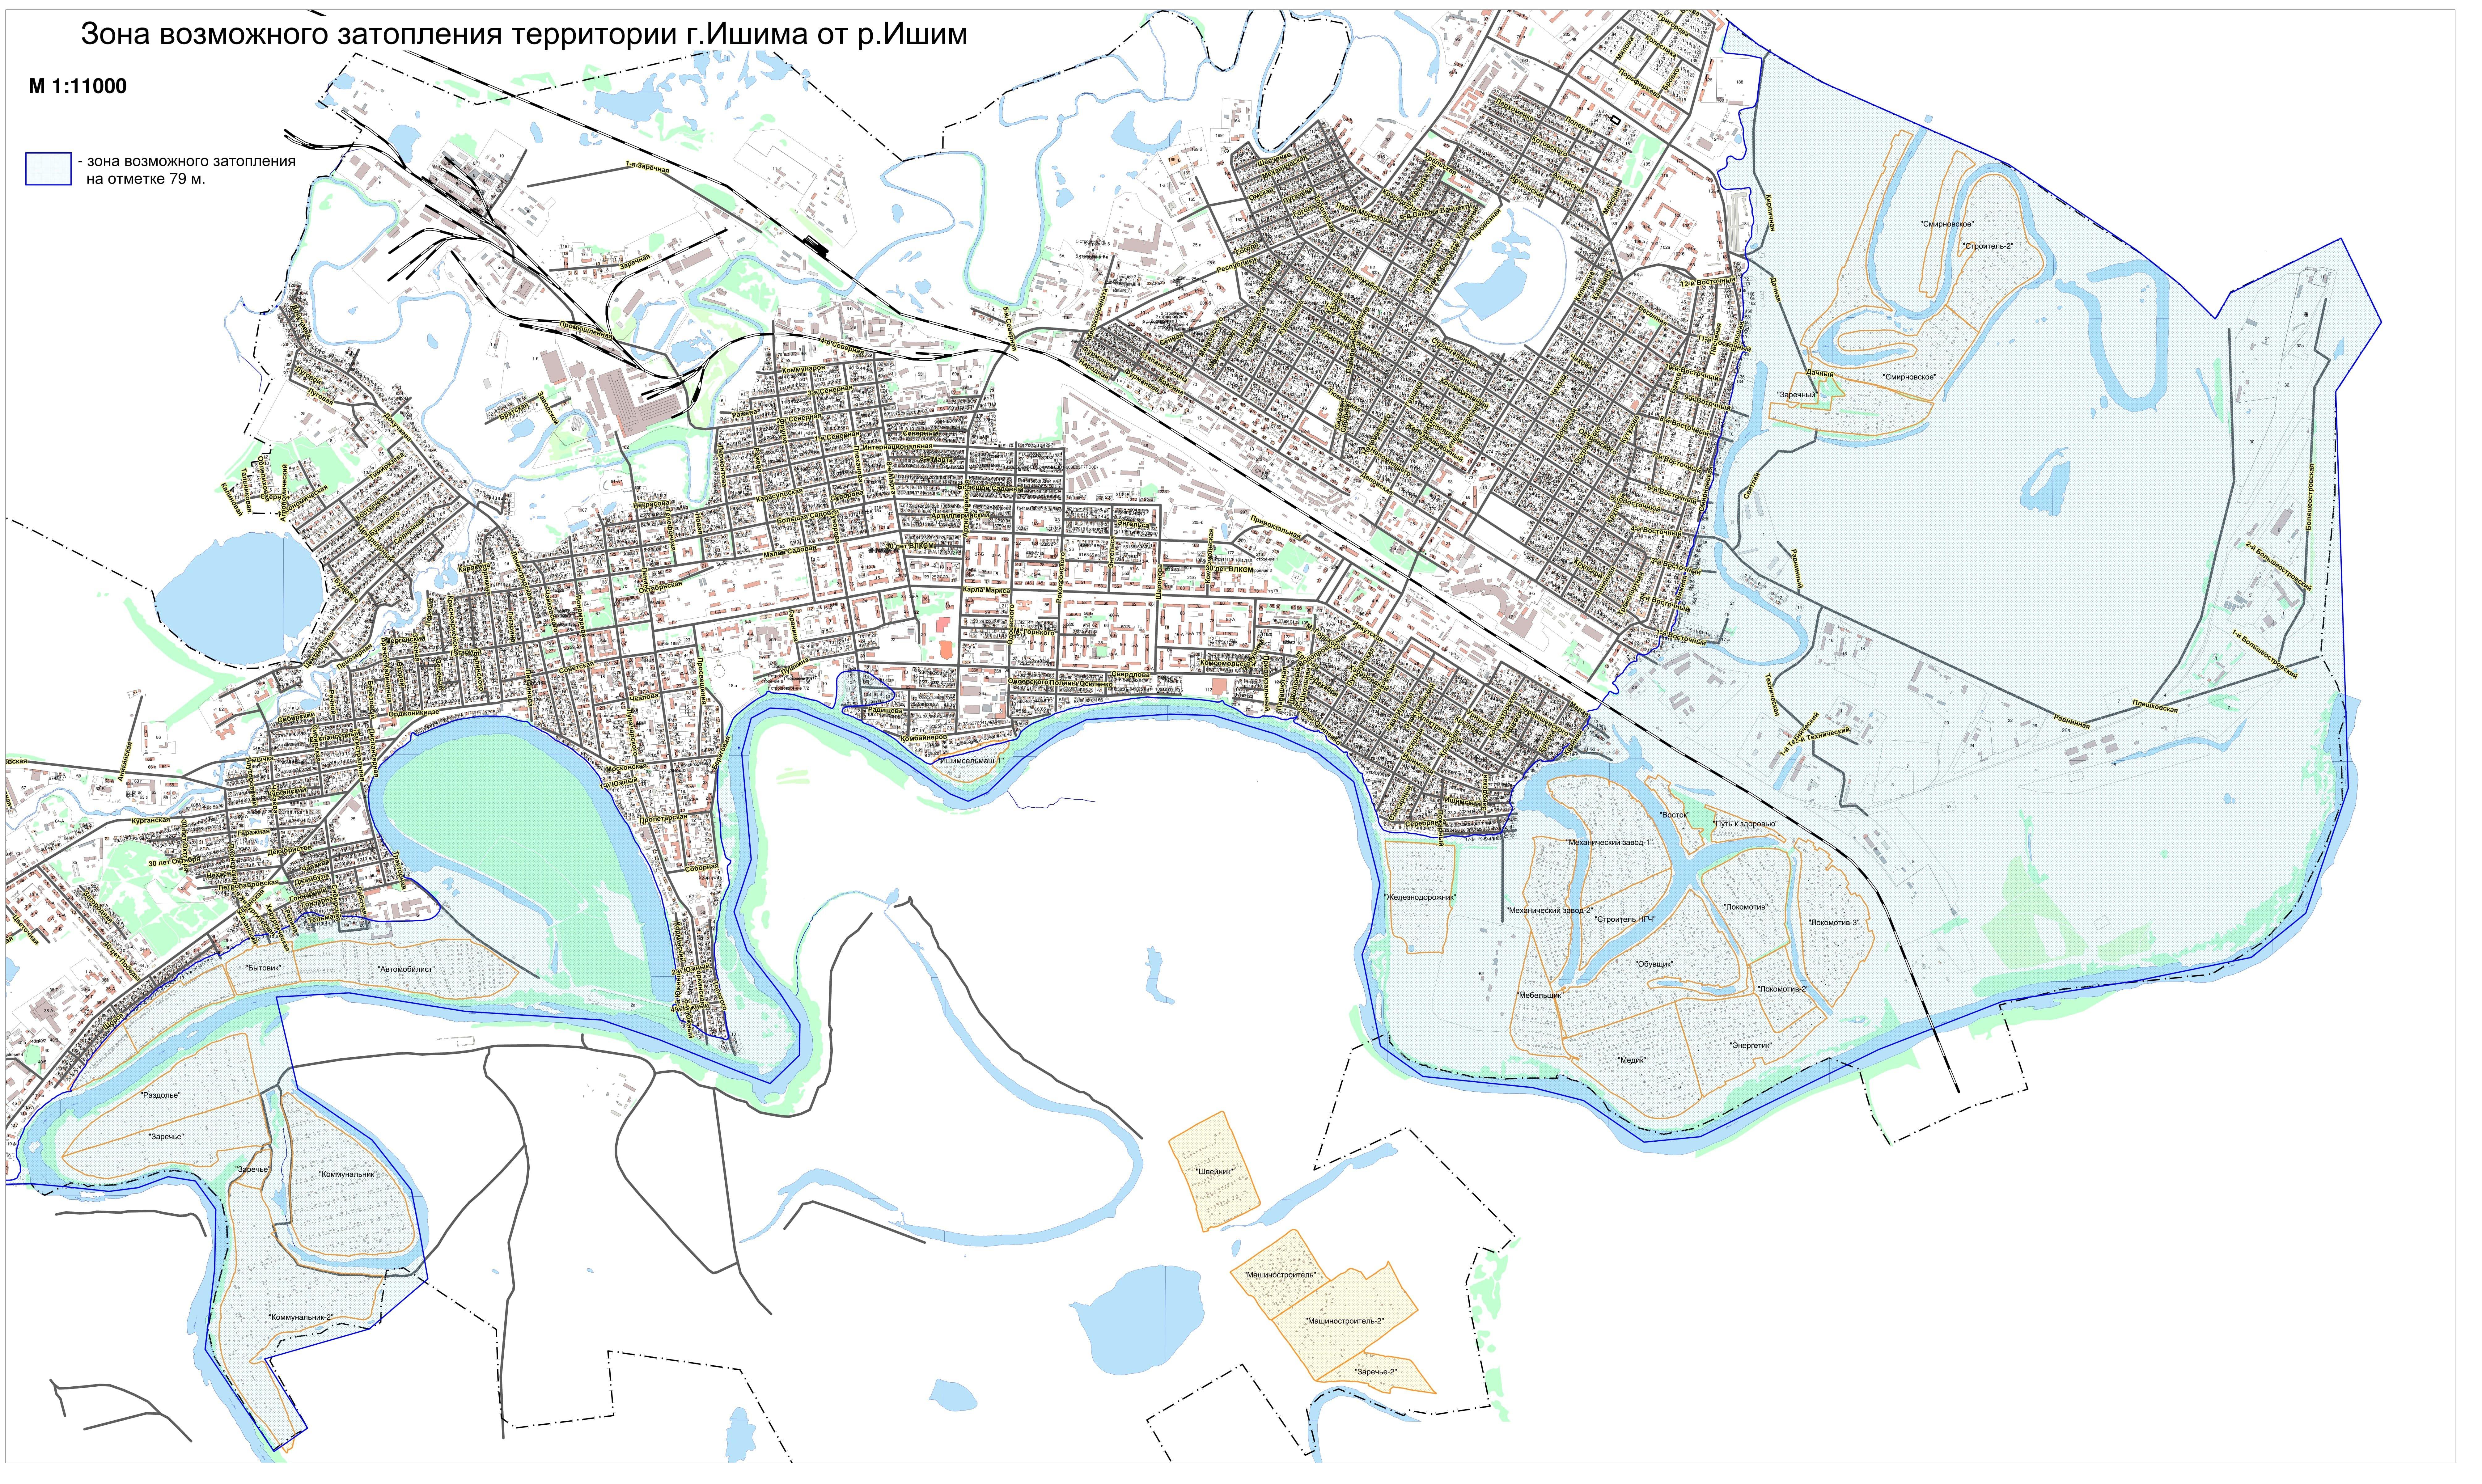 Зона возможного затопления по реке Ишим